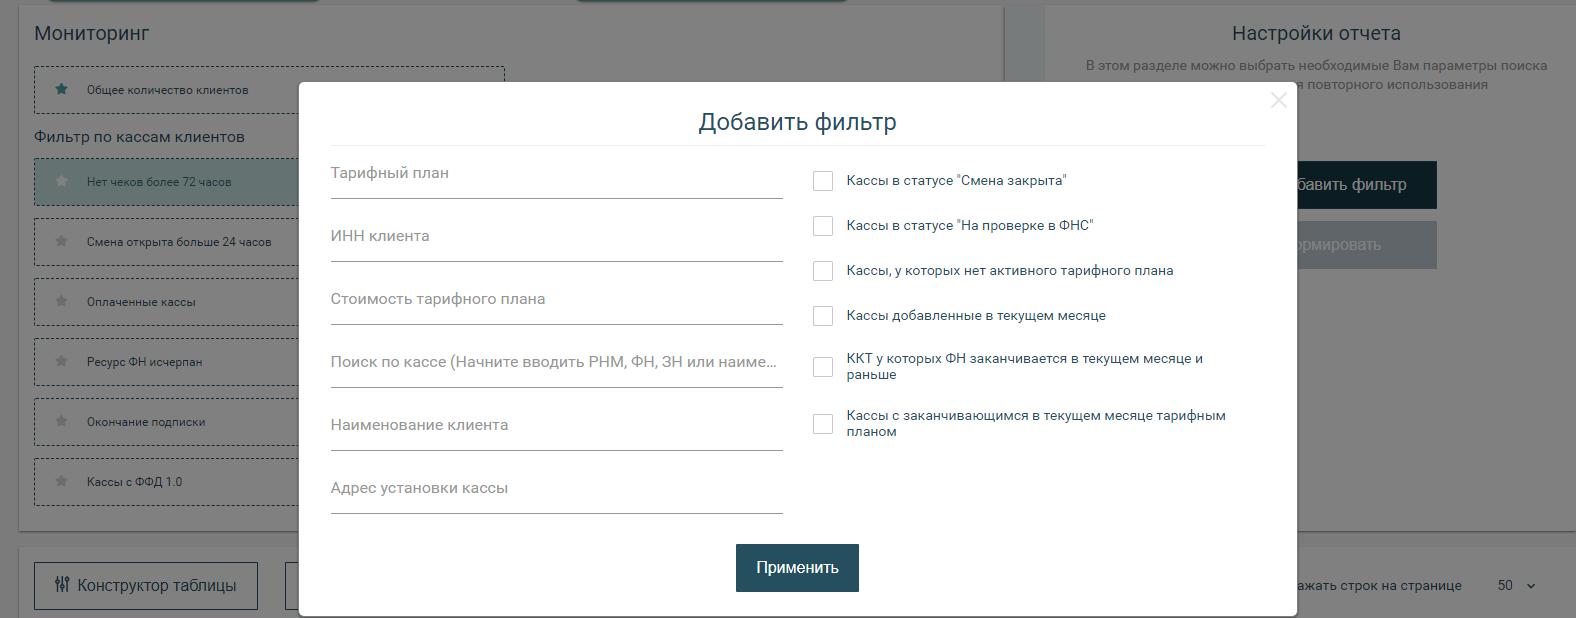 Раздел мониторинг ЛКП